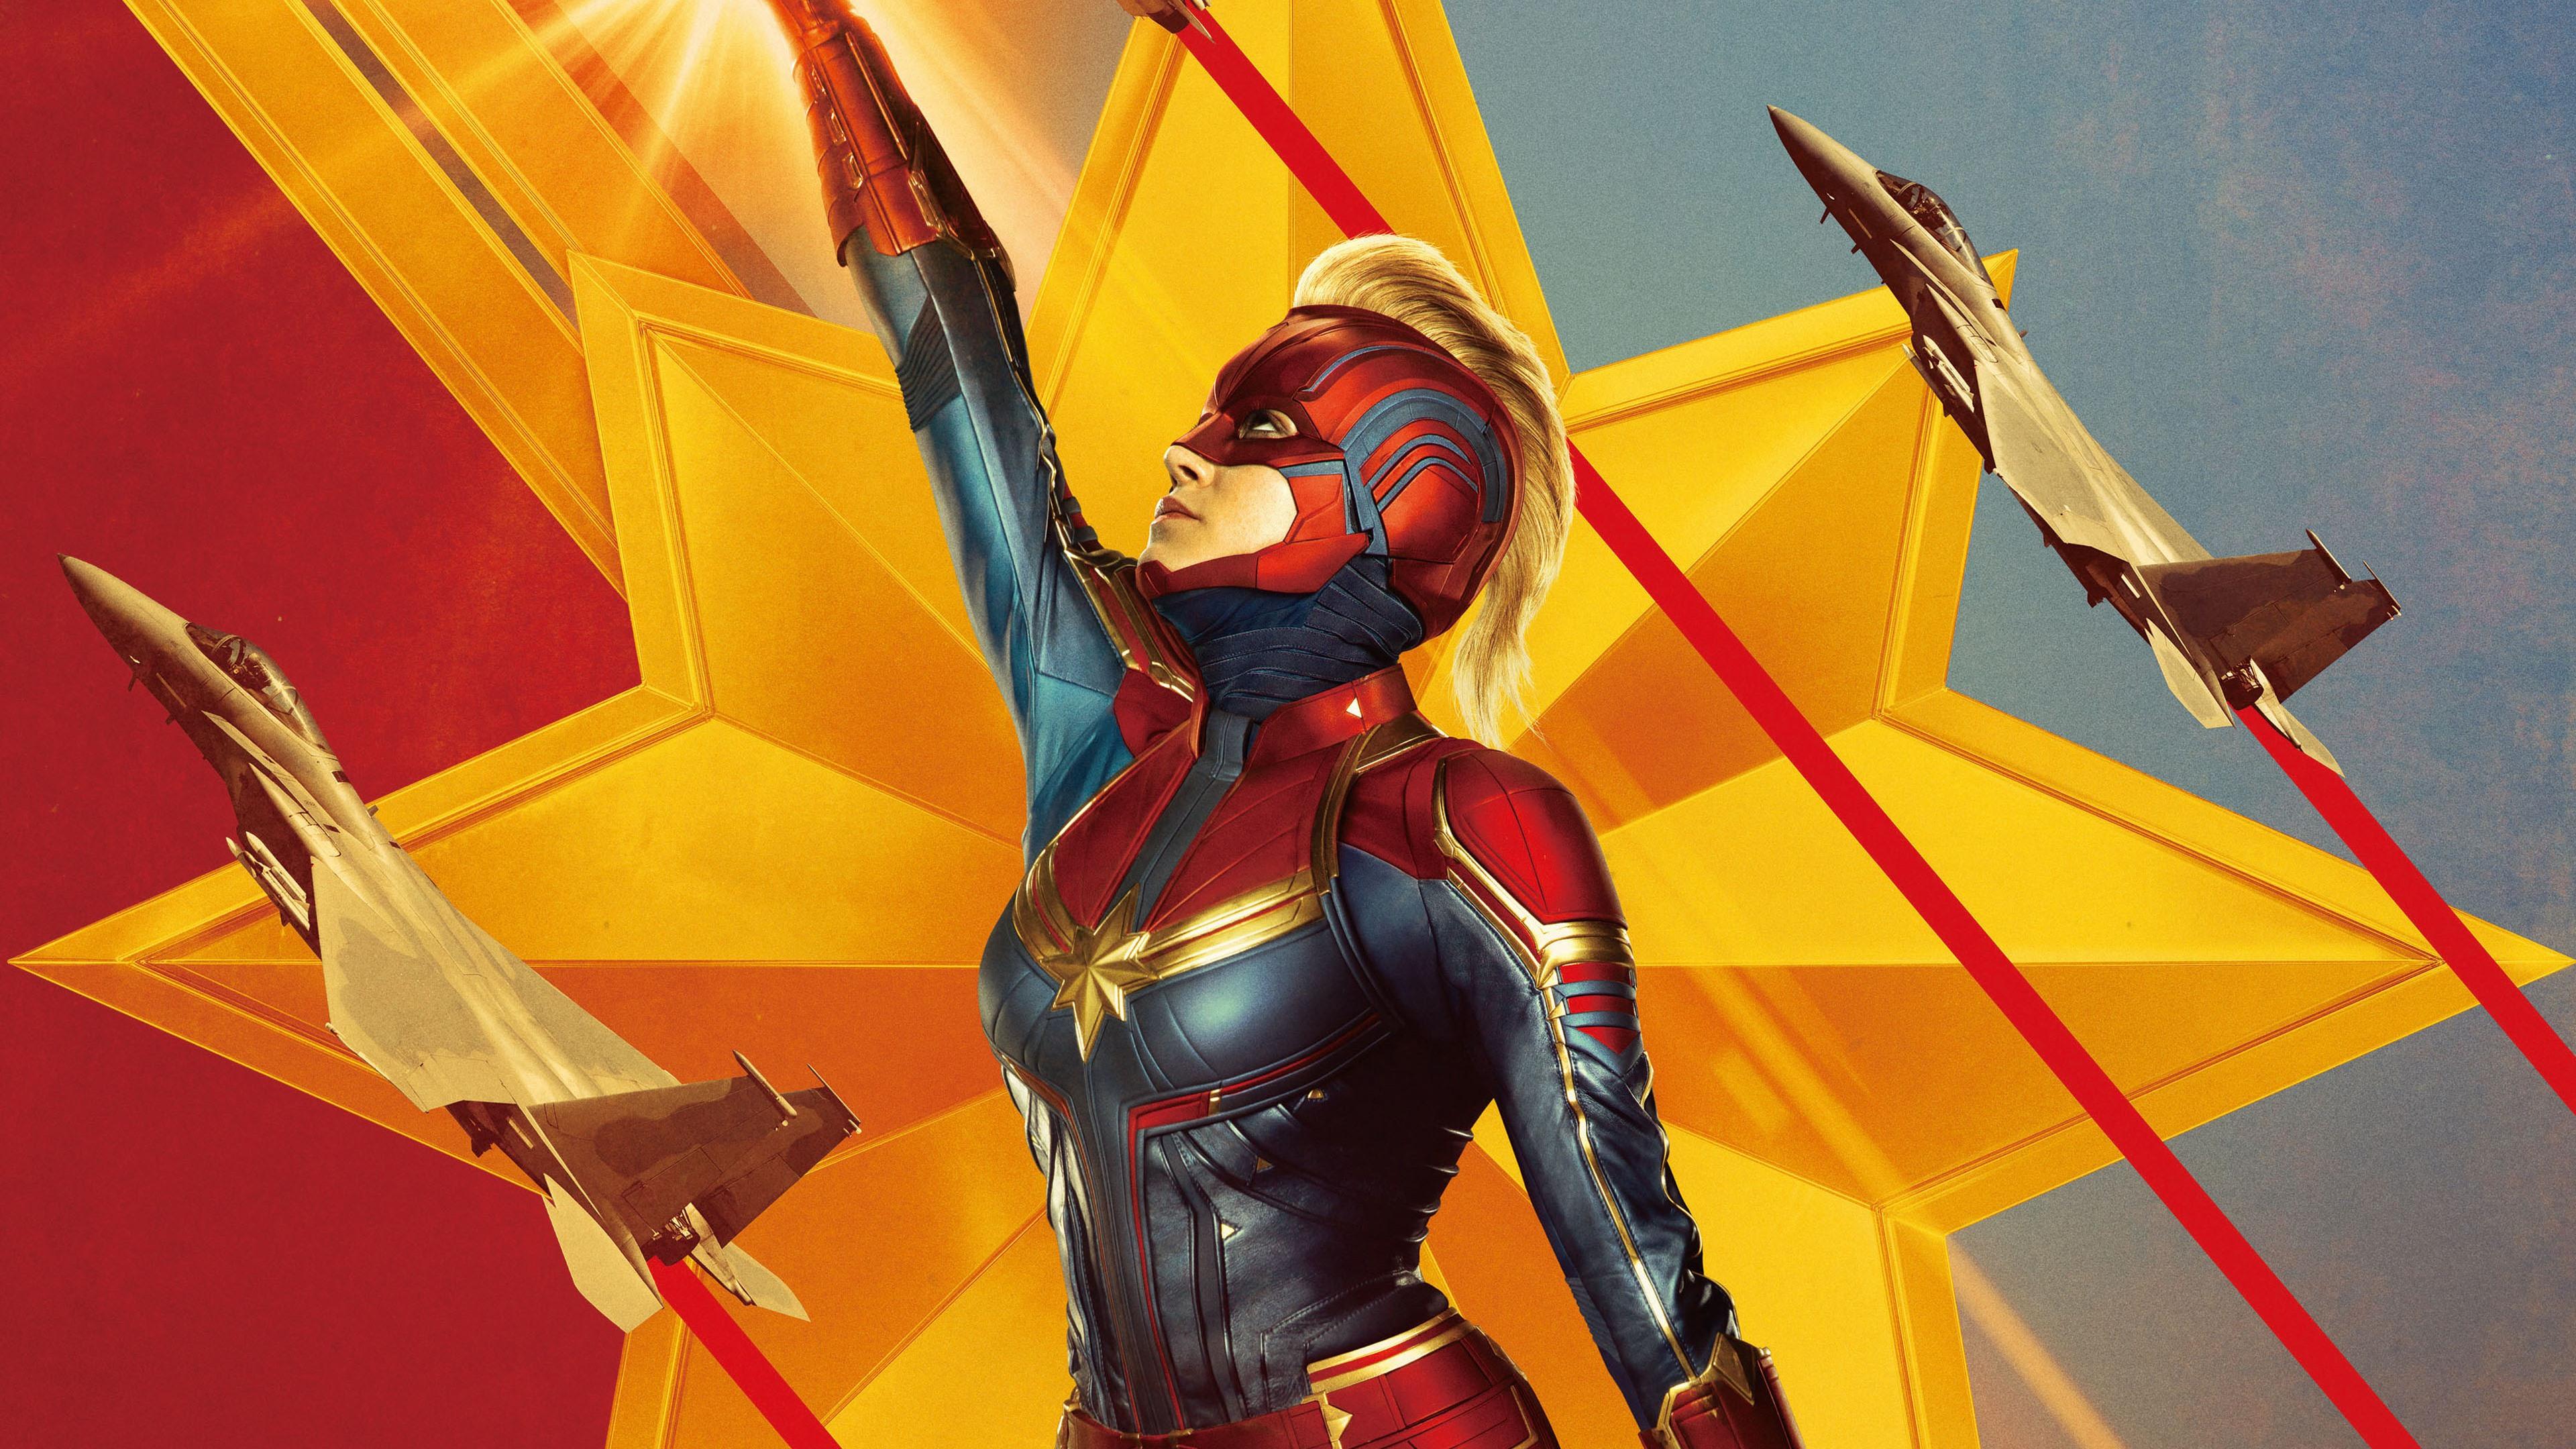 Wallpaper Captain Marvel 2019 Movie 3840x2160 Uhd 4k